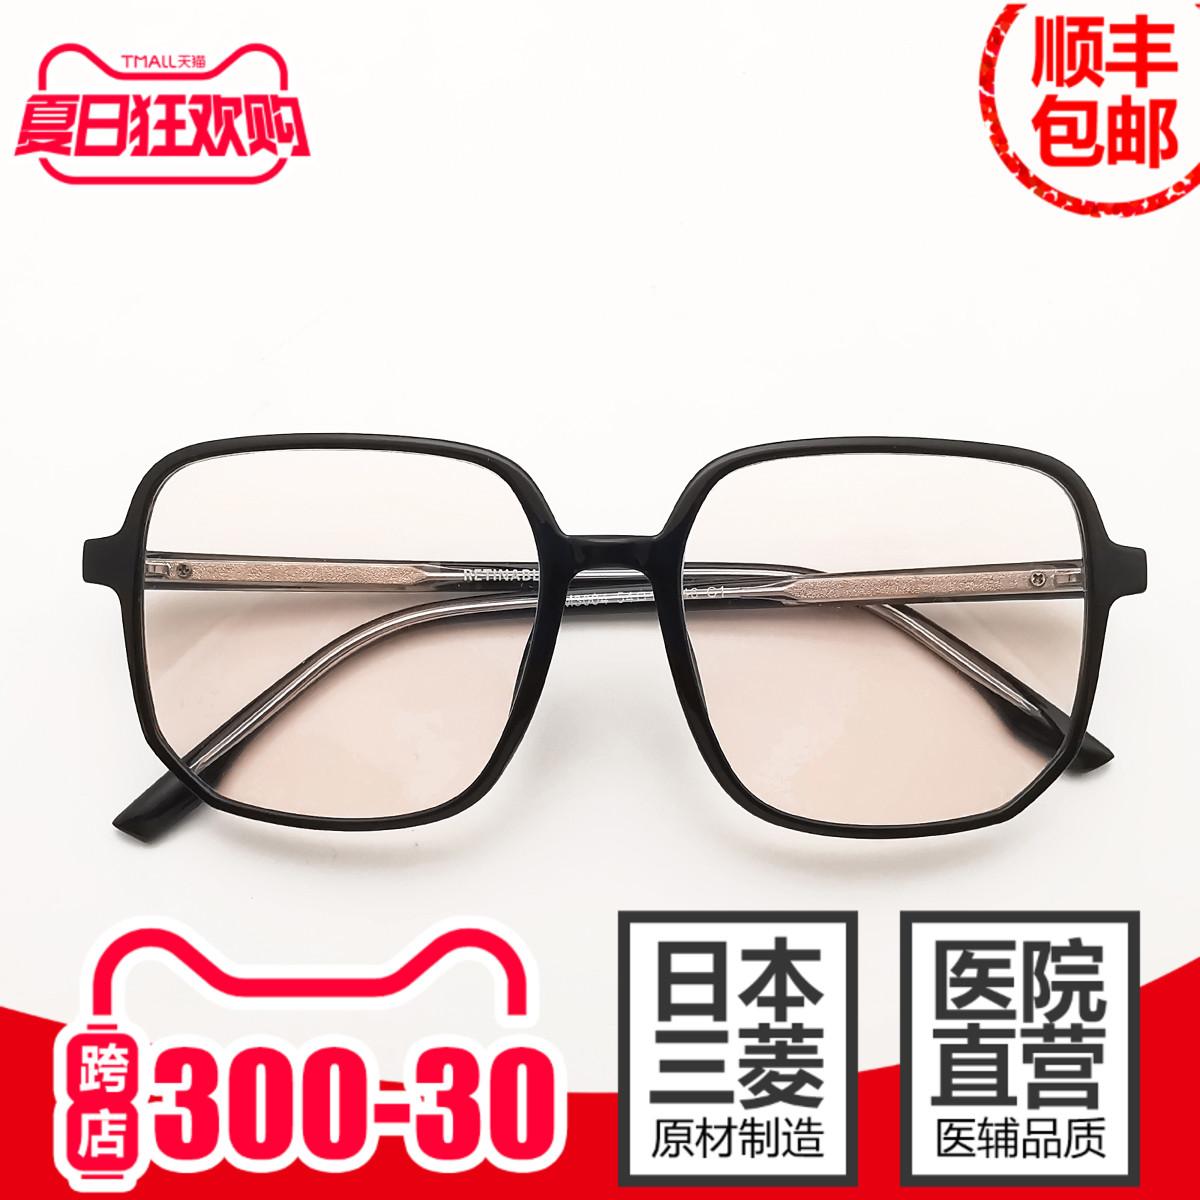 日本原材防蓝光网红大框眼镜抗紫外辐射电脑胖脸护目镜Retinable